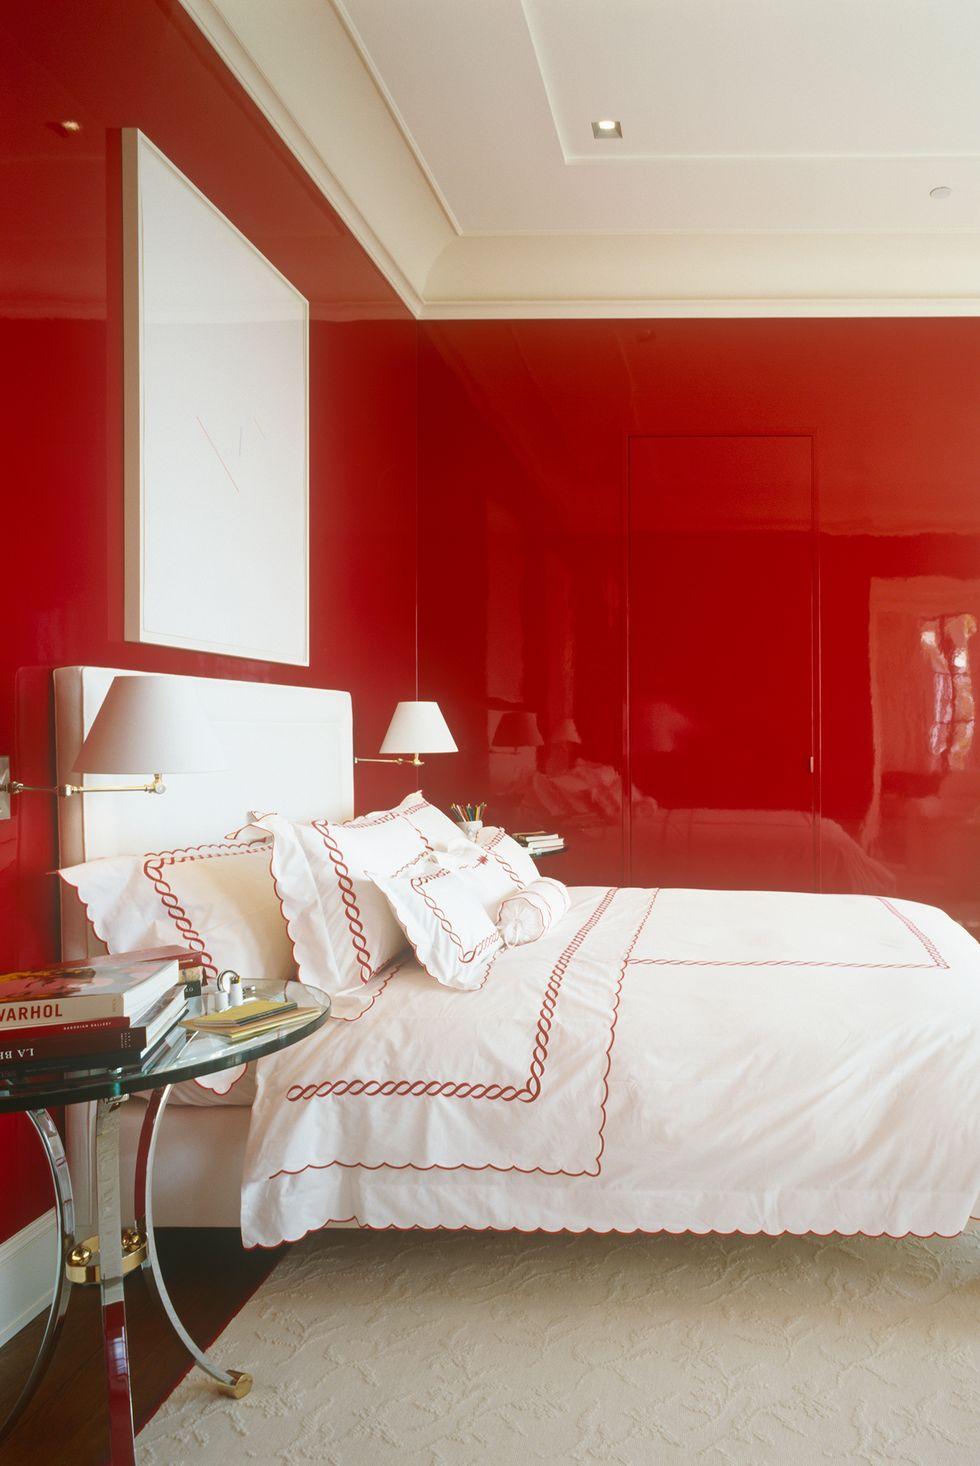 Sử dụng sơn bóng trong phòng ngủ